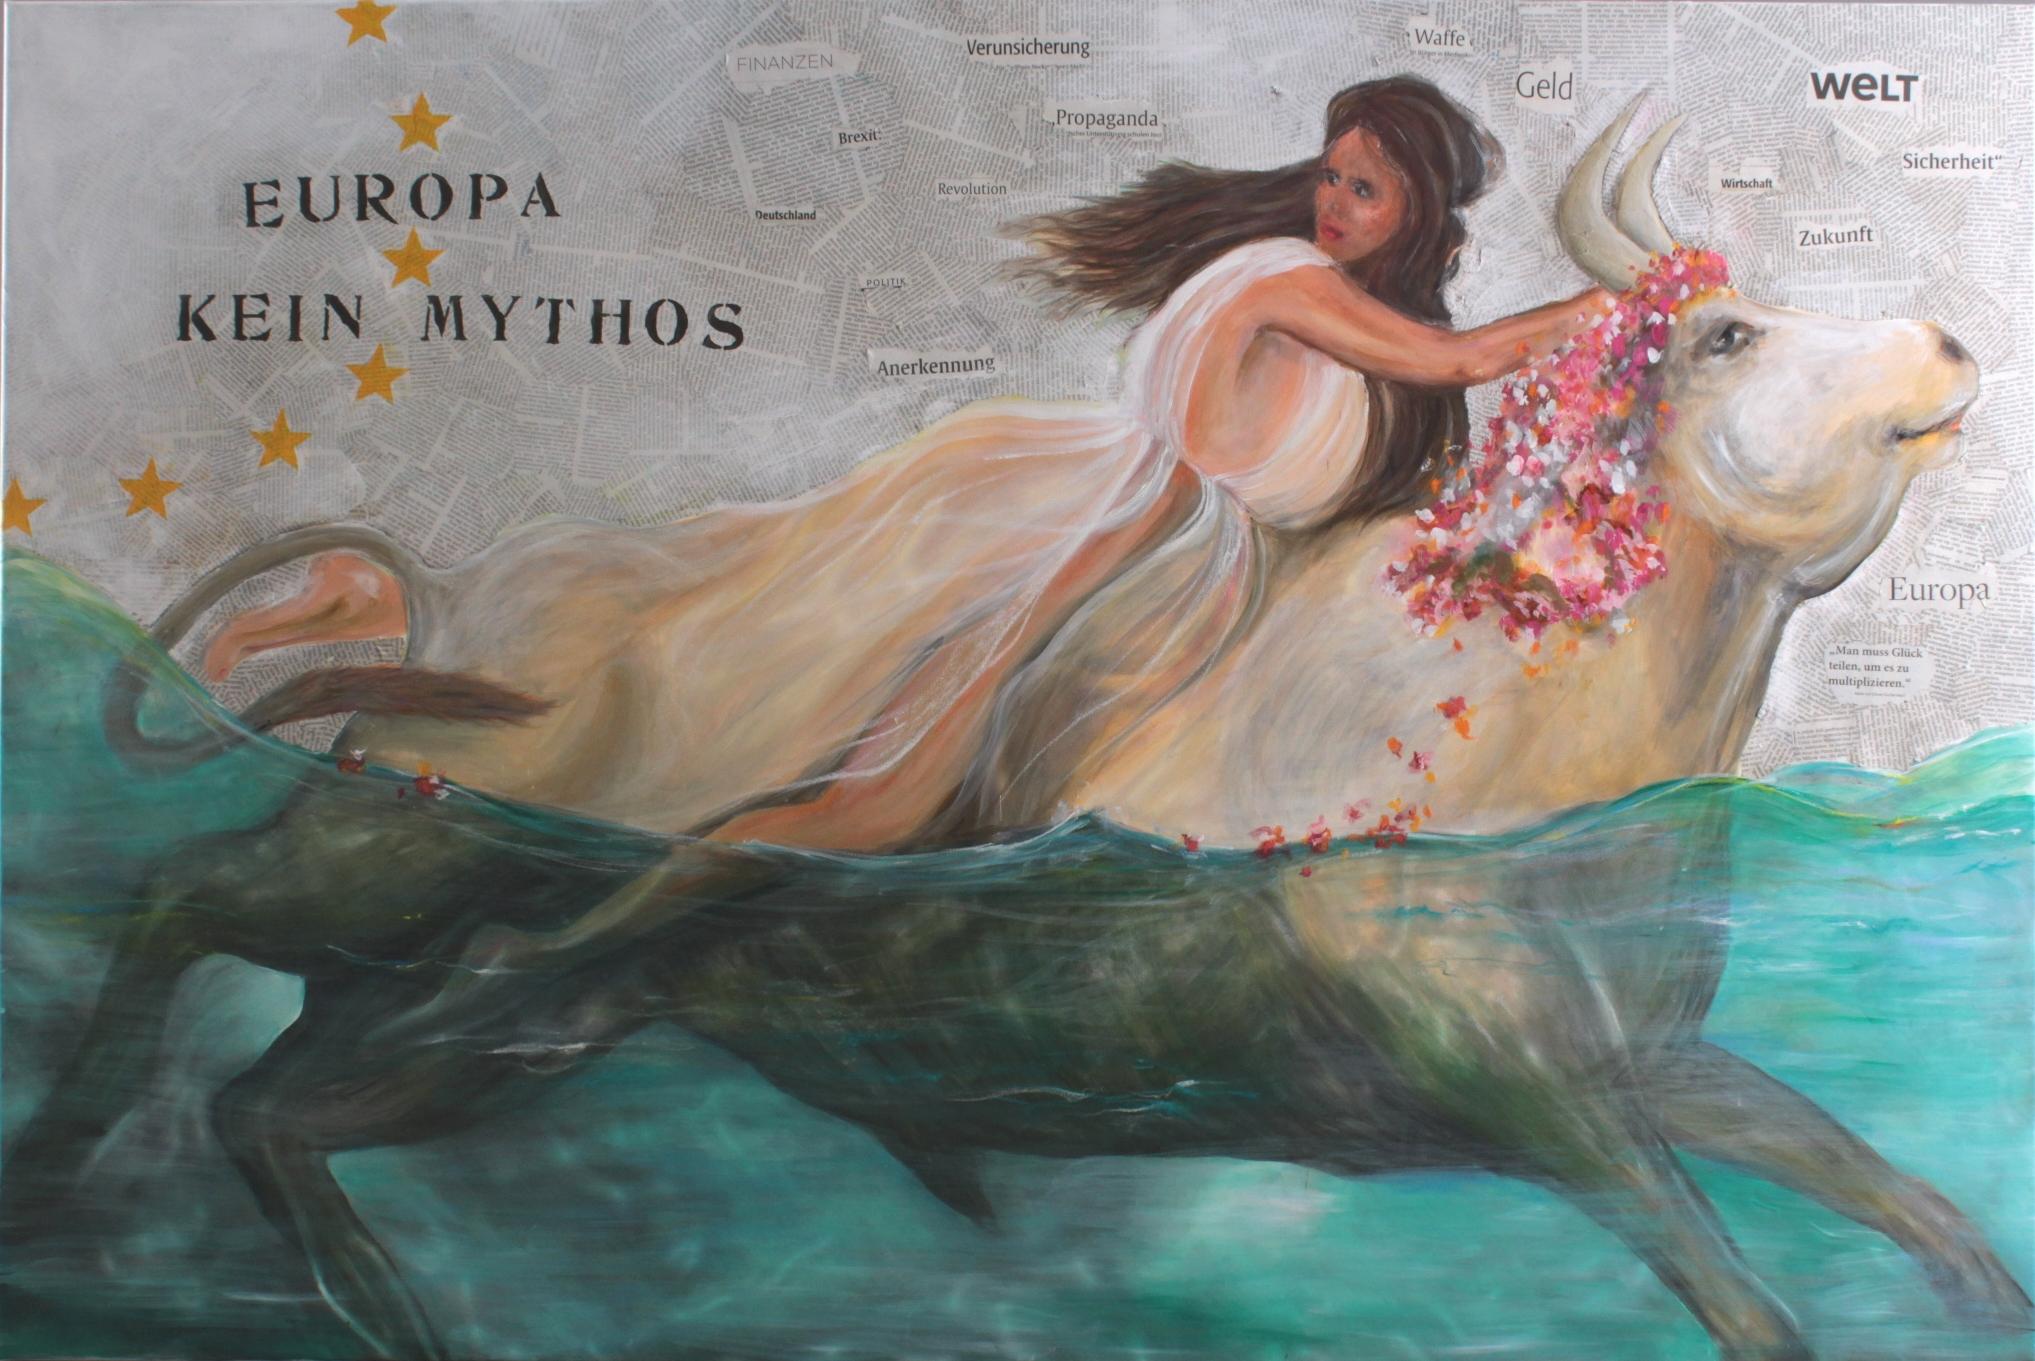 Gemälde zum Thema 'Europa – kein Mythos'